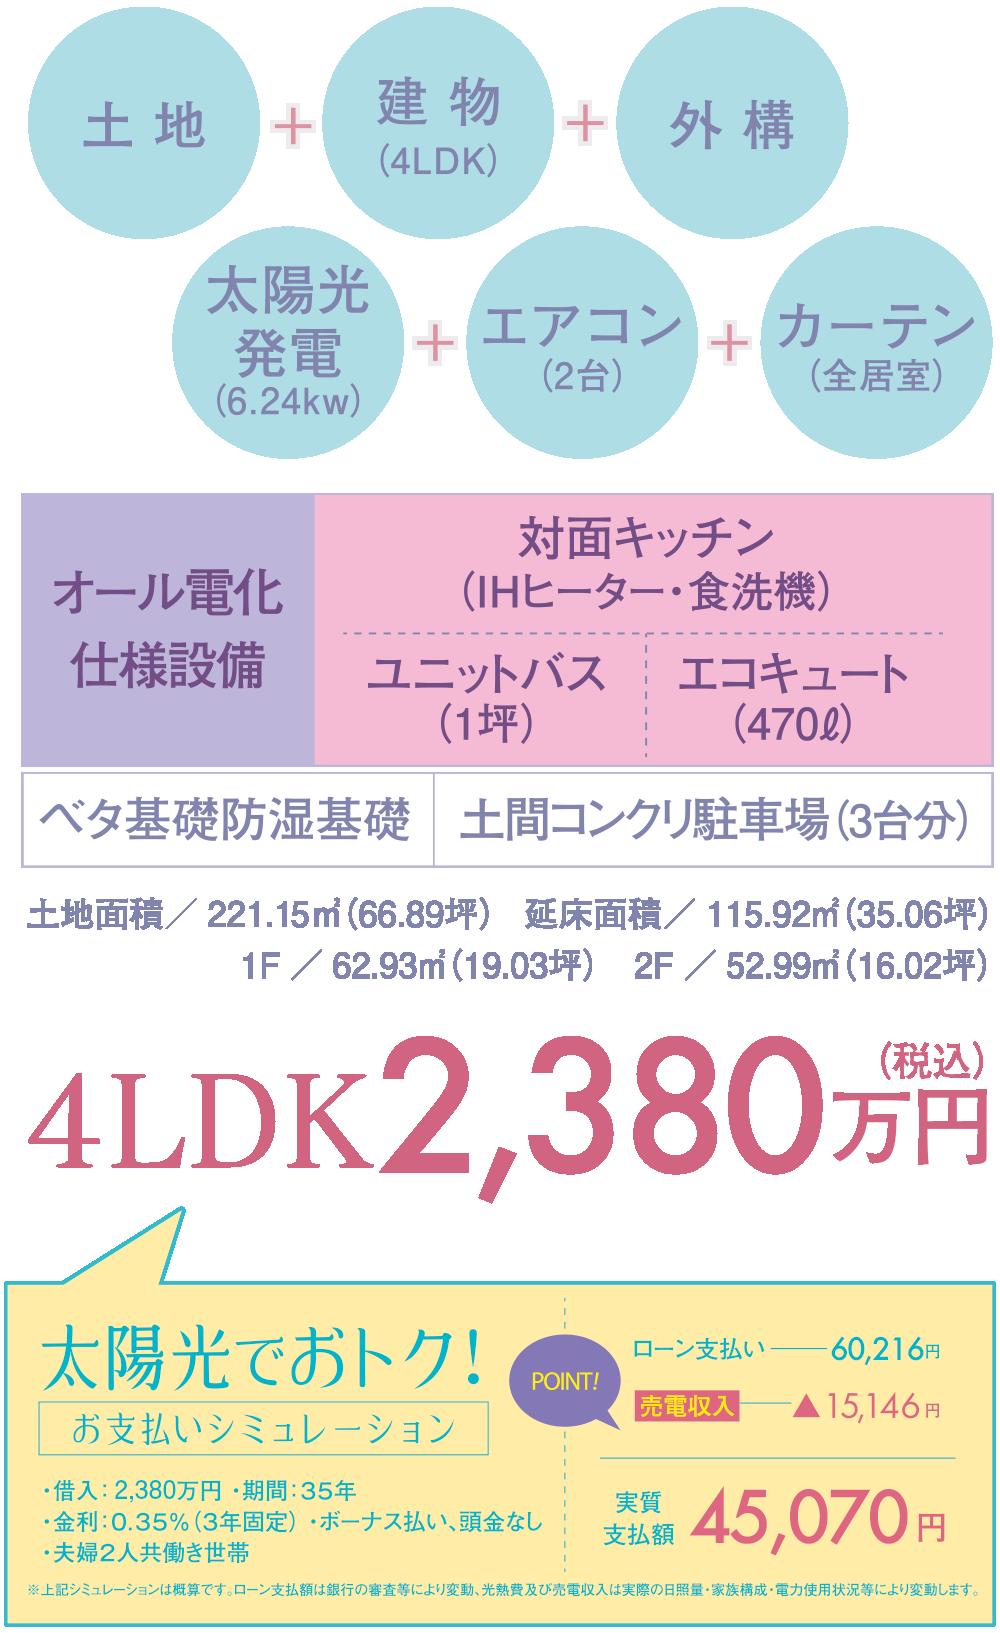 坂井市三国町陣ケ岡モデルハウス 分譲住宅